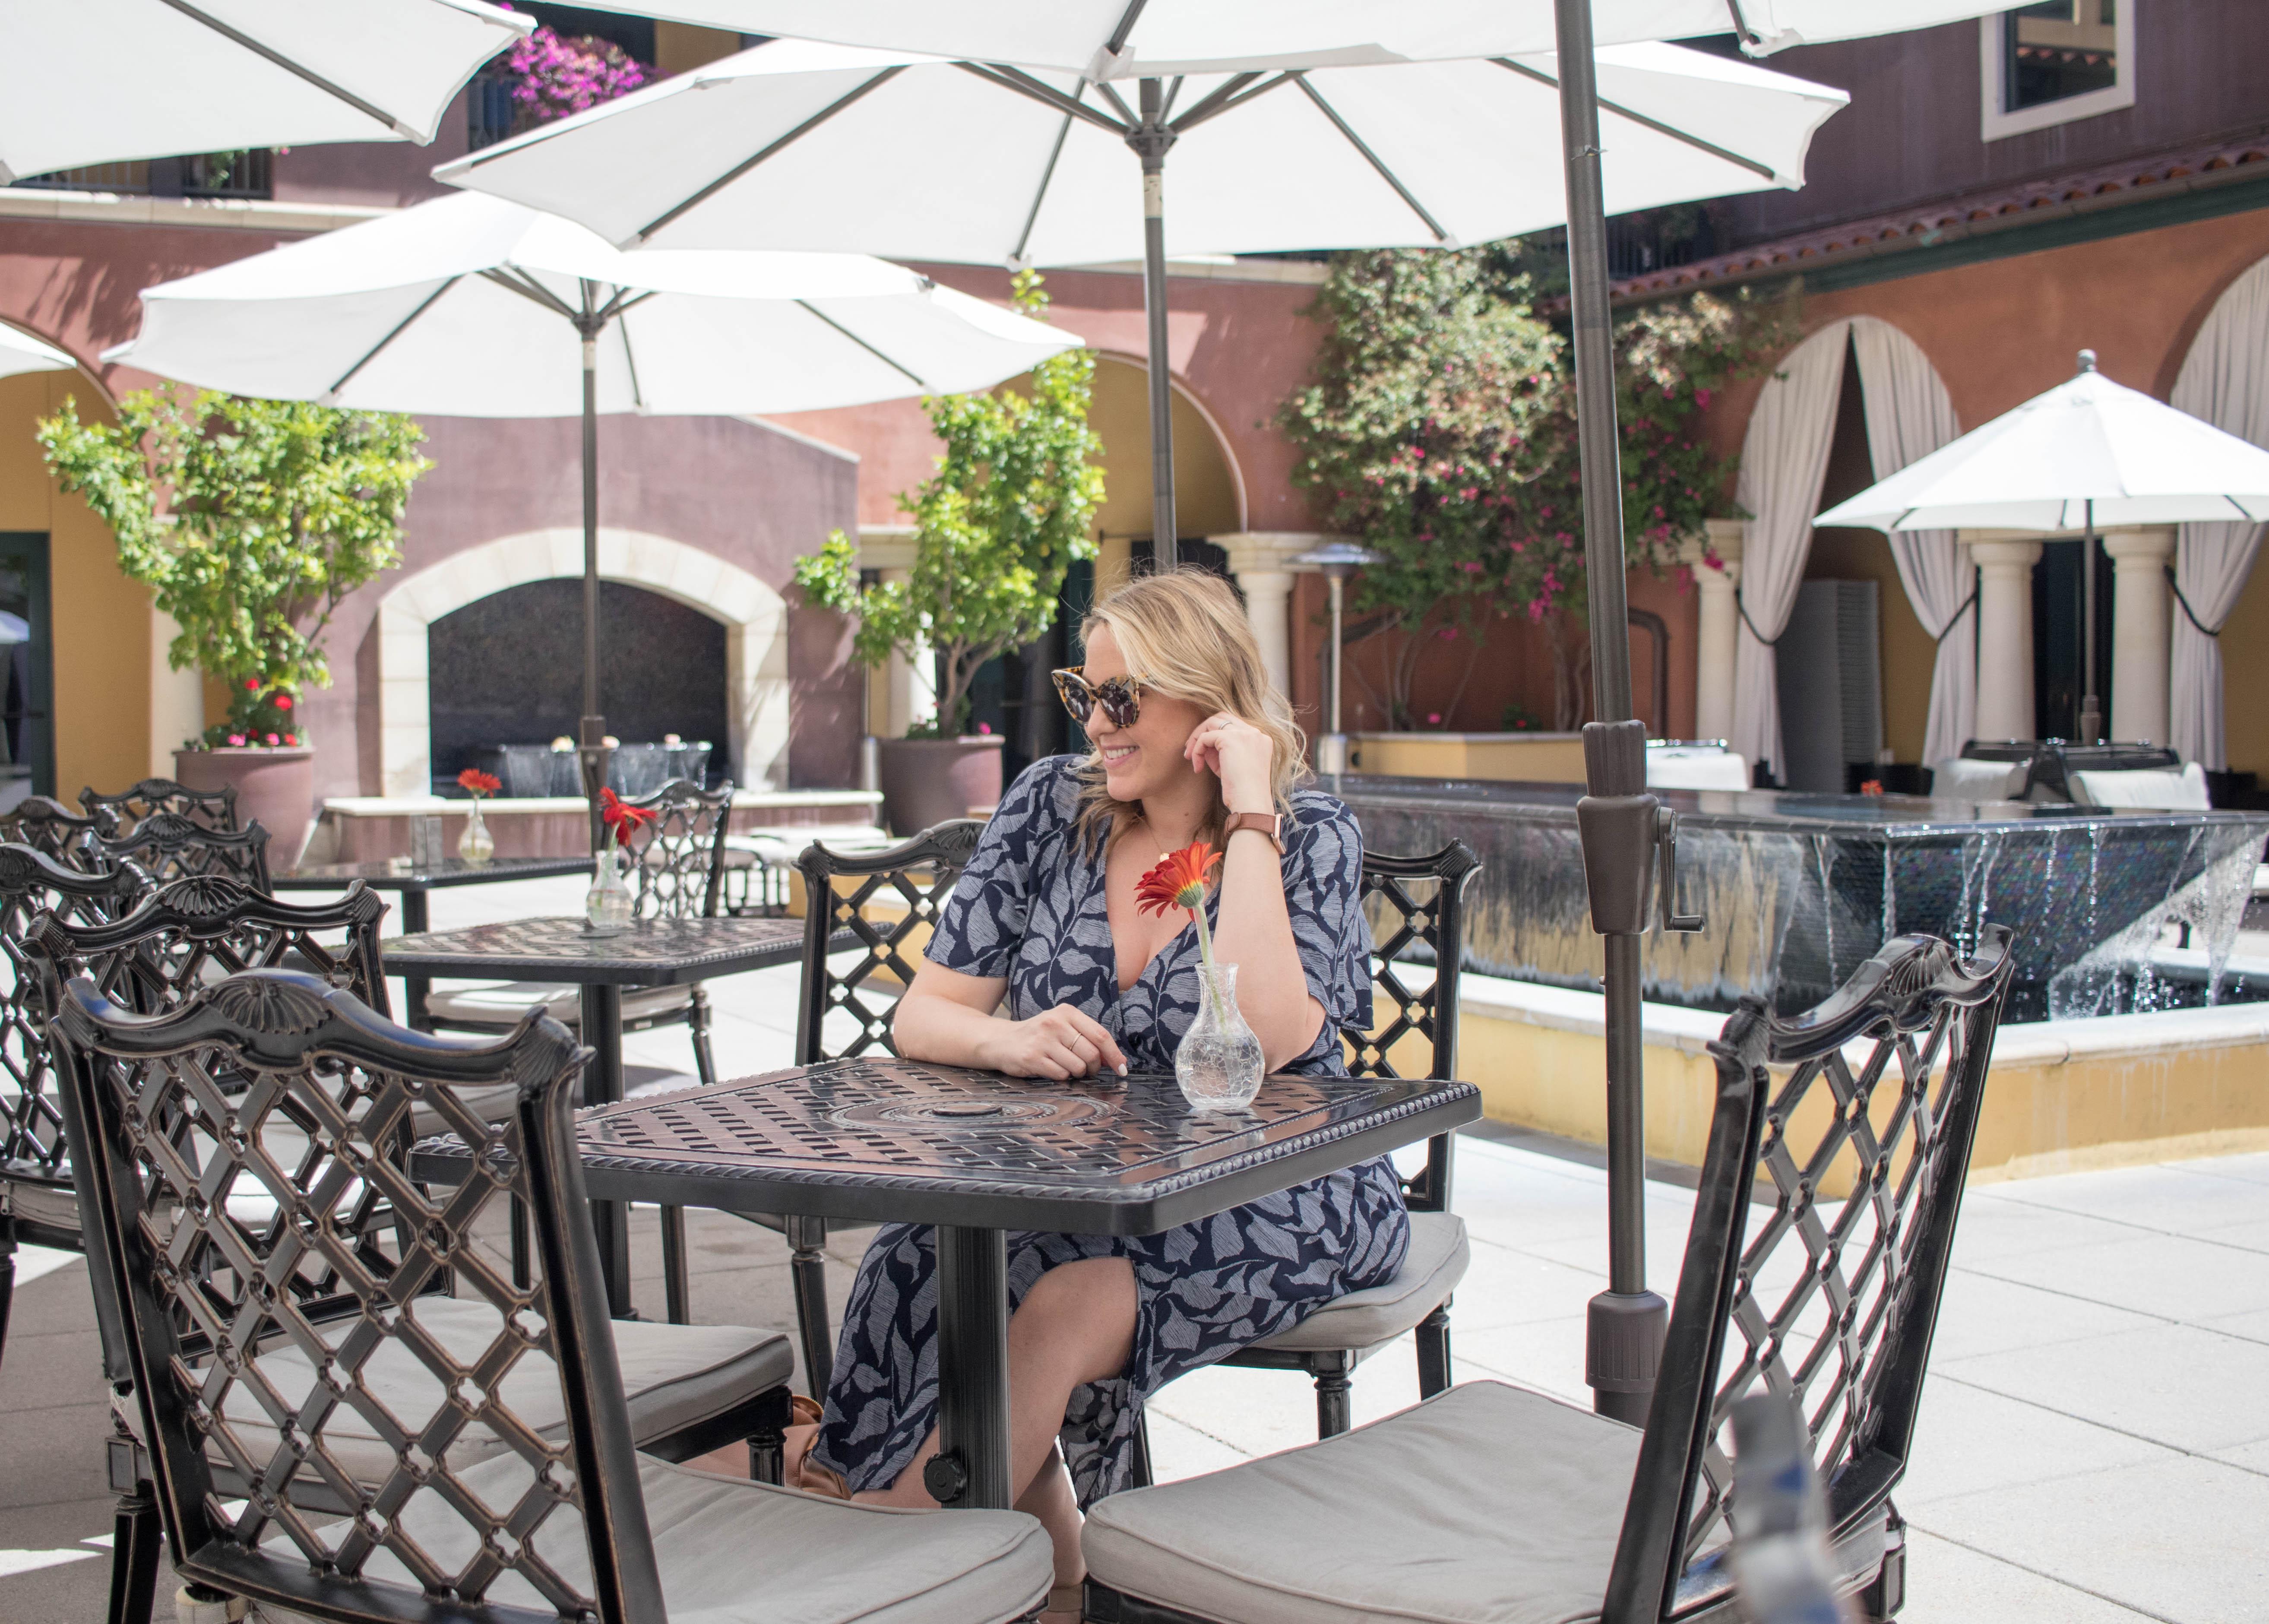 hotel valencia Santana row travel guide #hotelvalencia #sanjose #santanarow